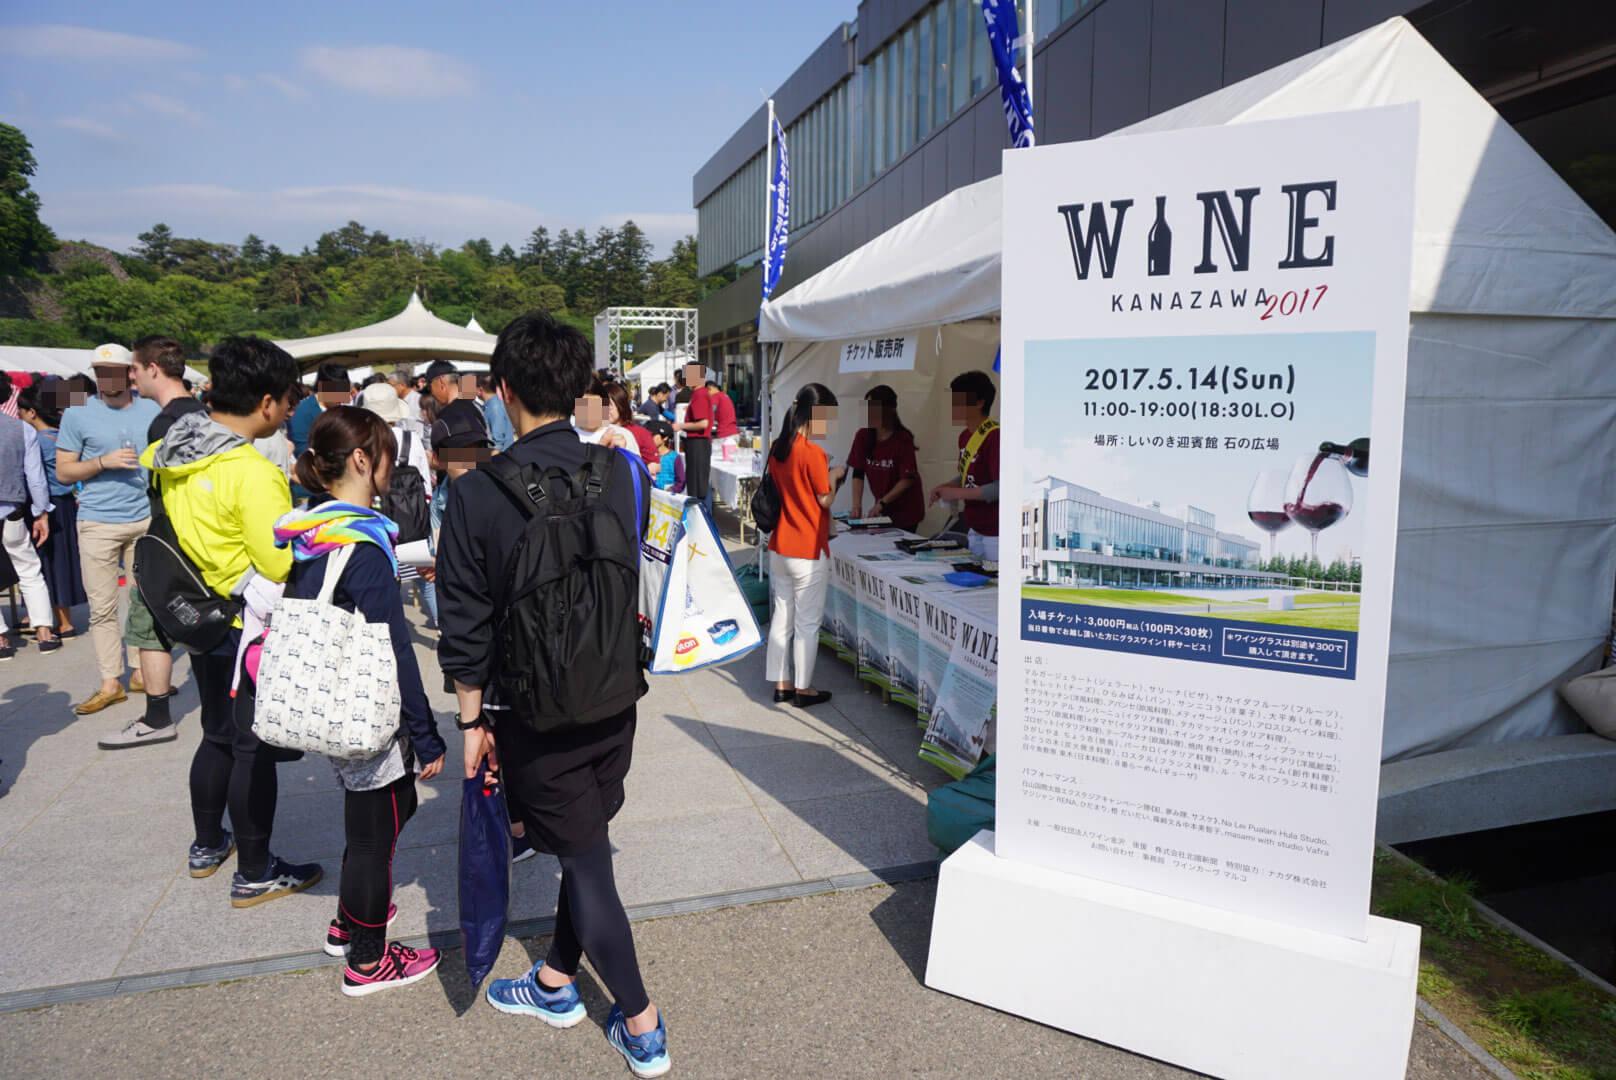 大盛況 !! ワイン金沢2017